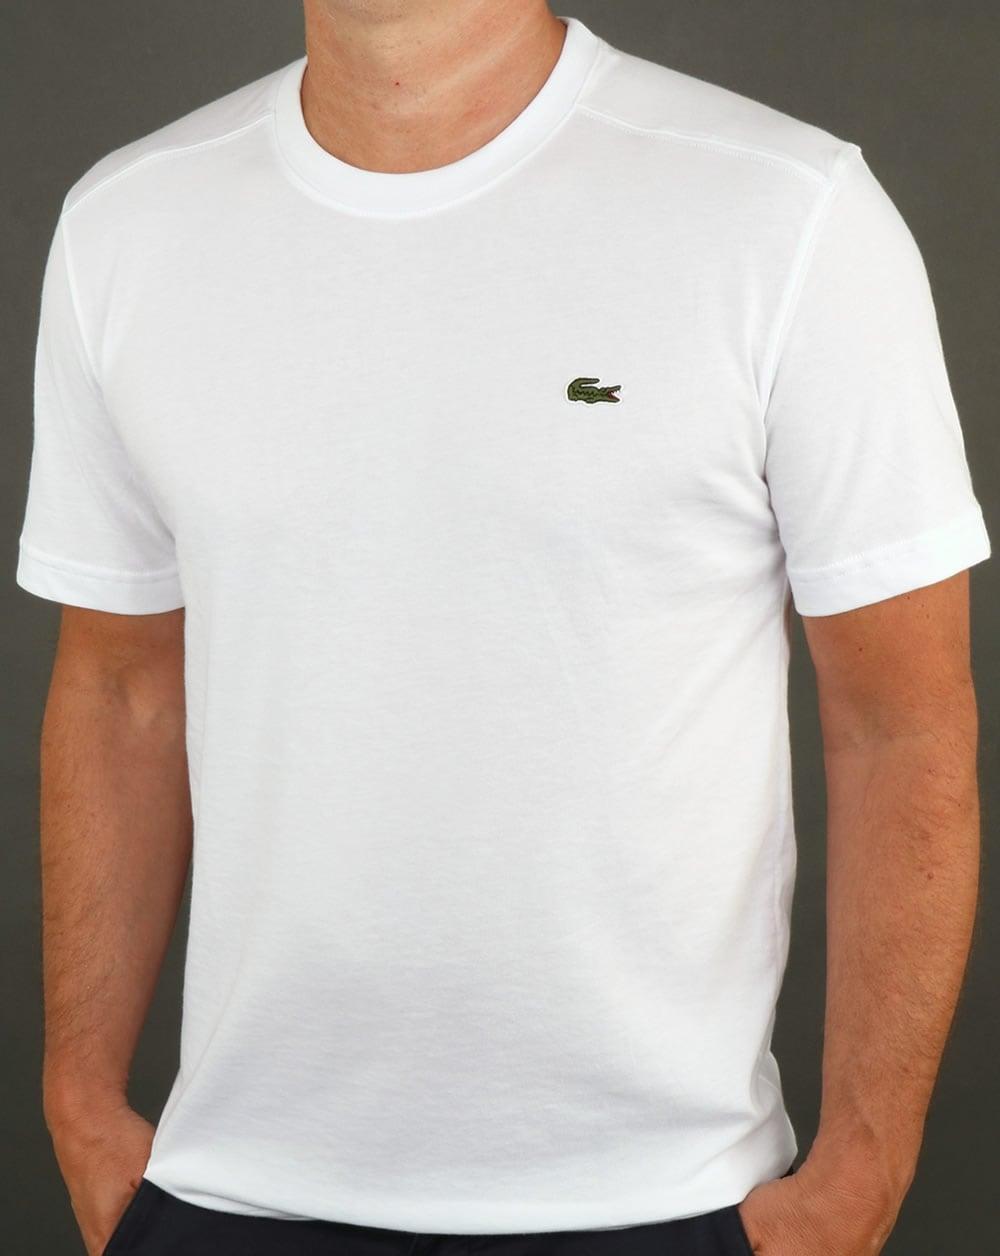 7392674855a1 Lacoste Lacoste SPT T-shirt White